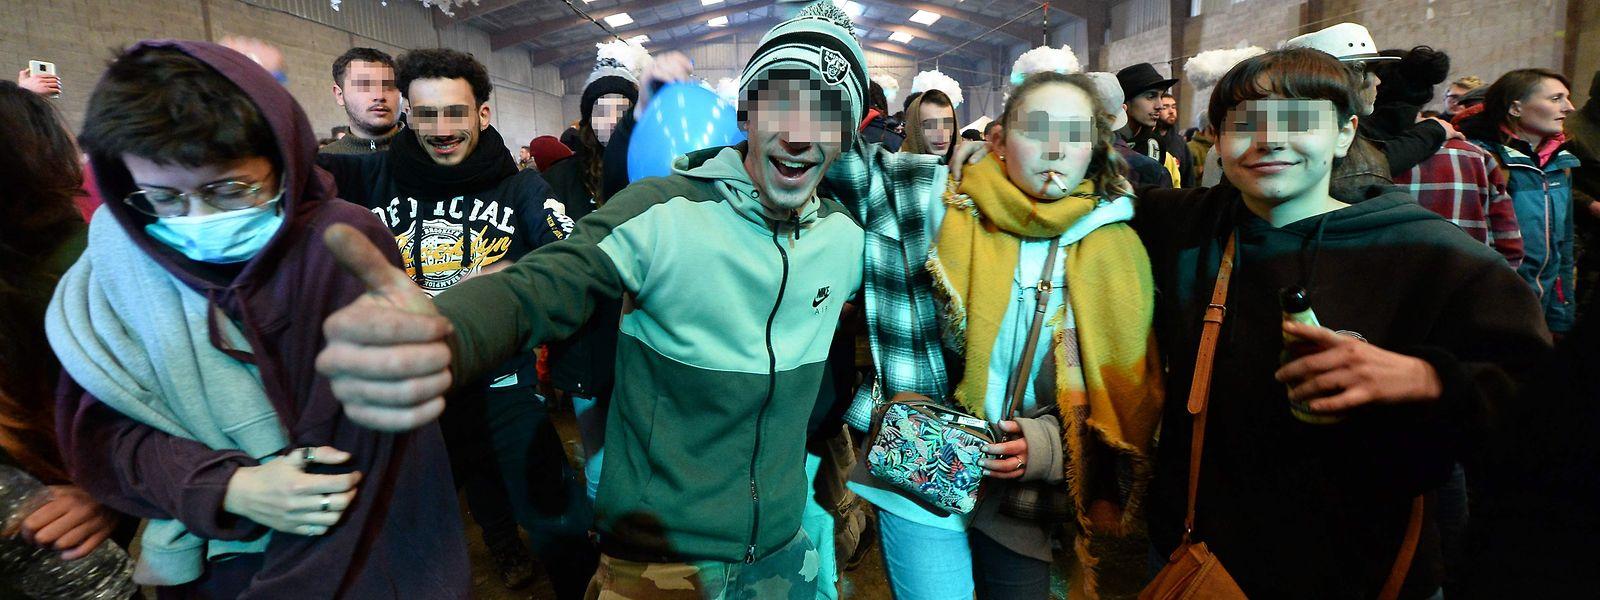 Am Abend des 31. posierten die jungen Leute noch stolz vor der Kamera.